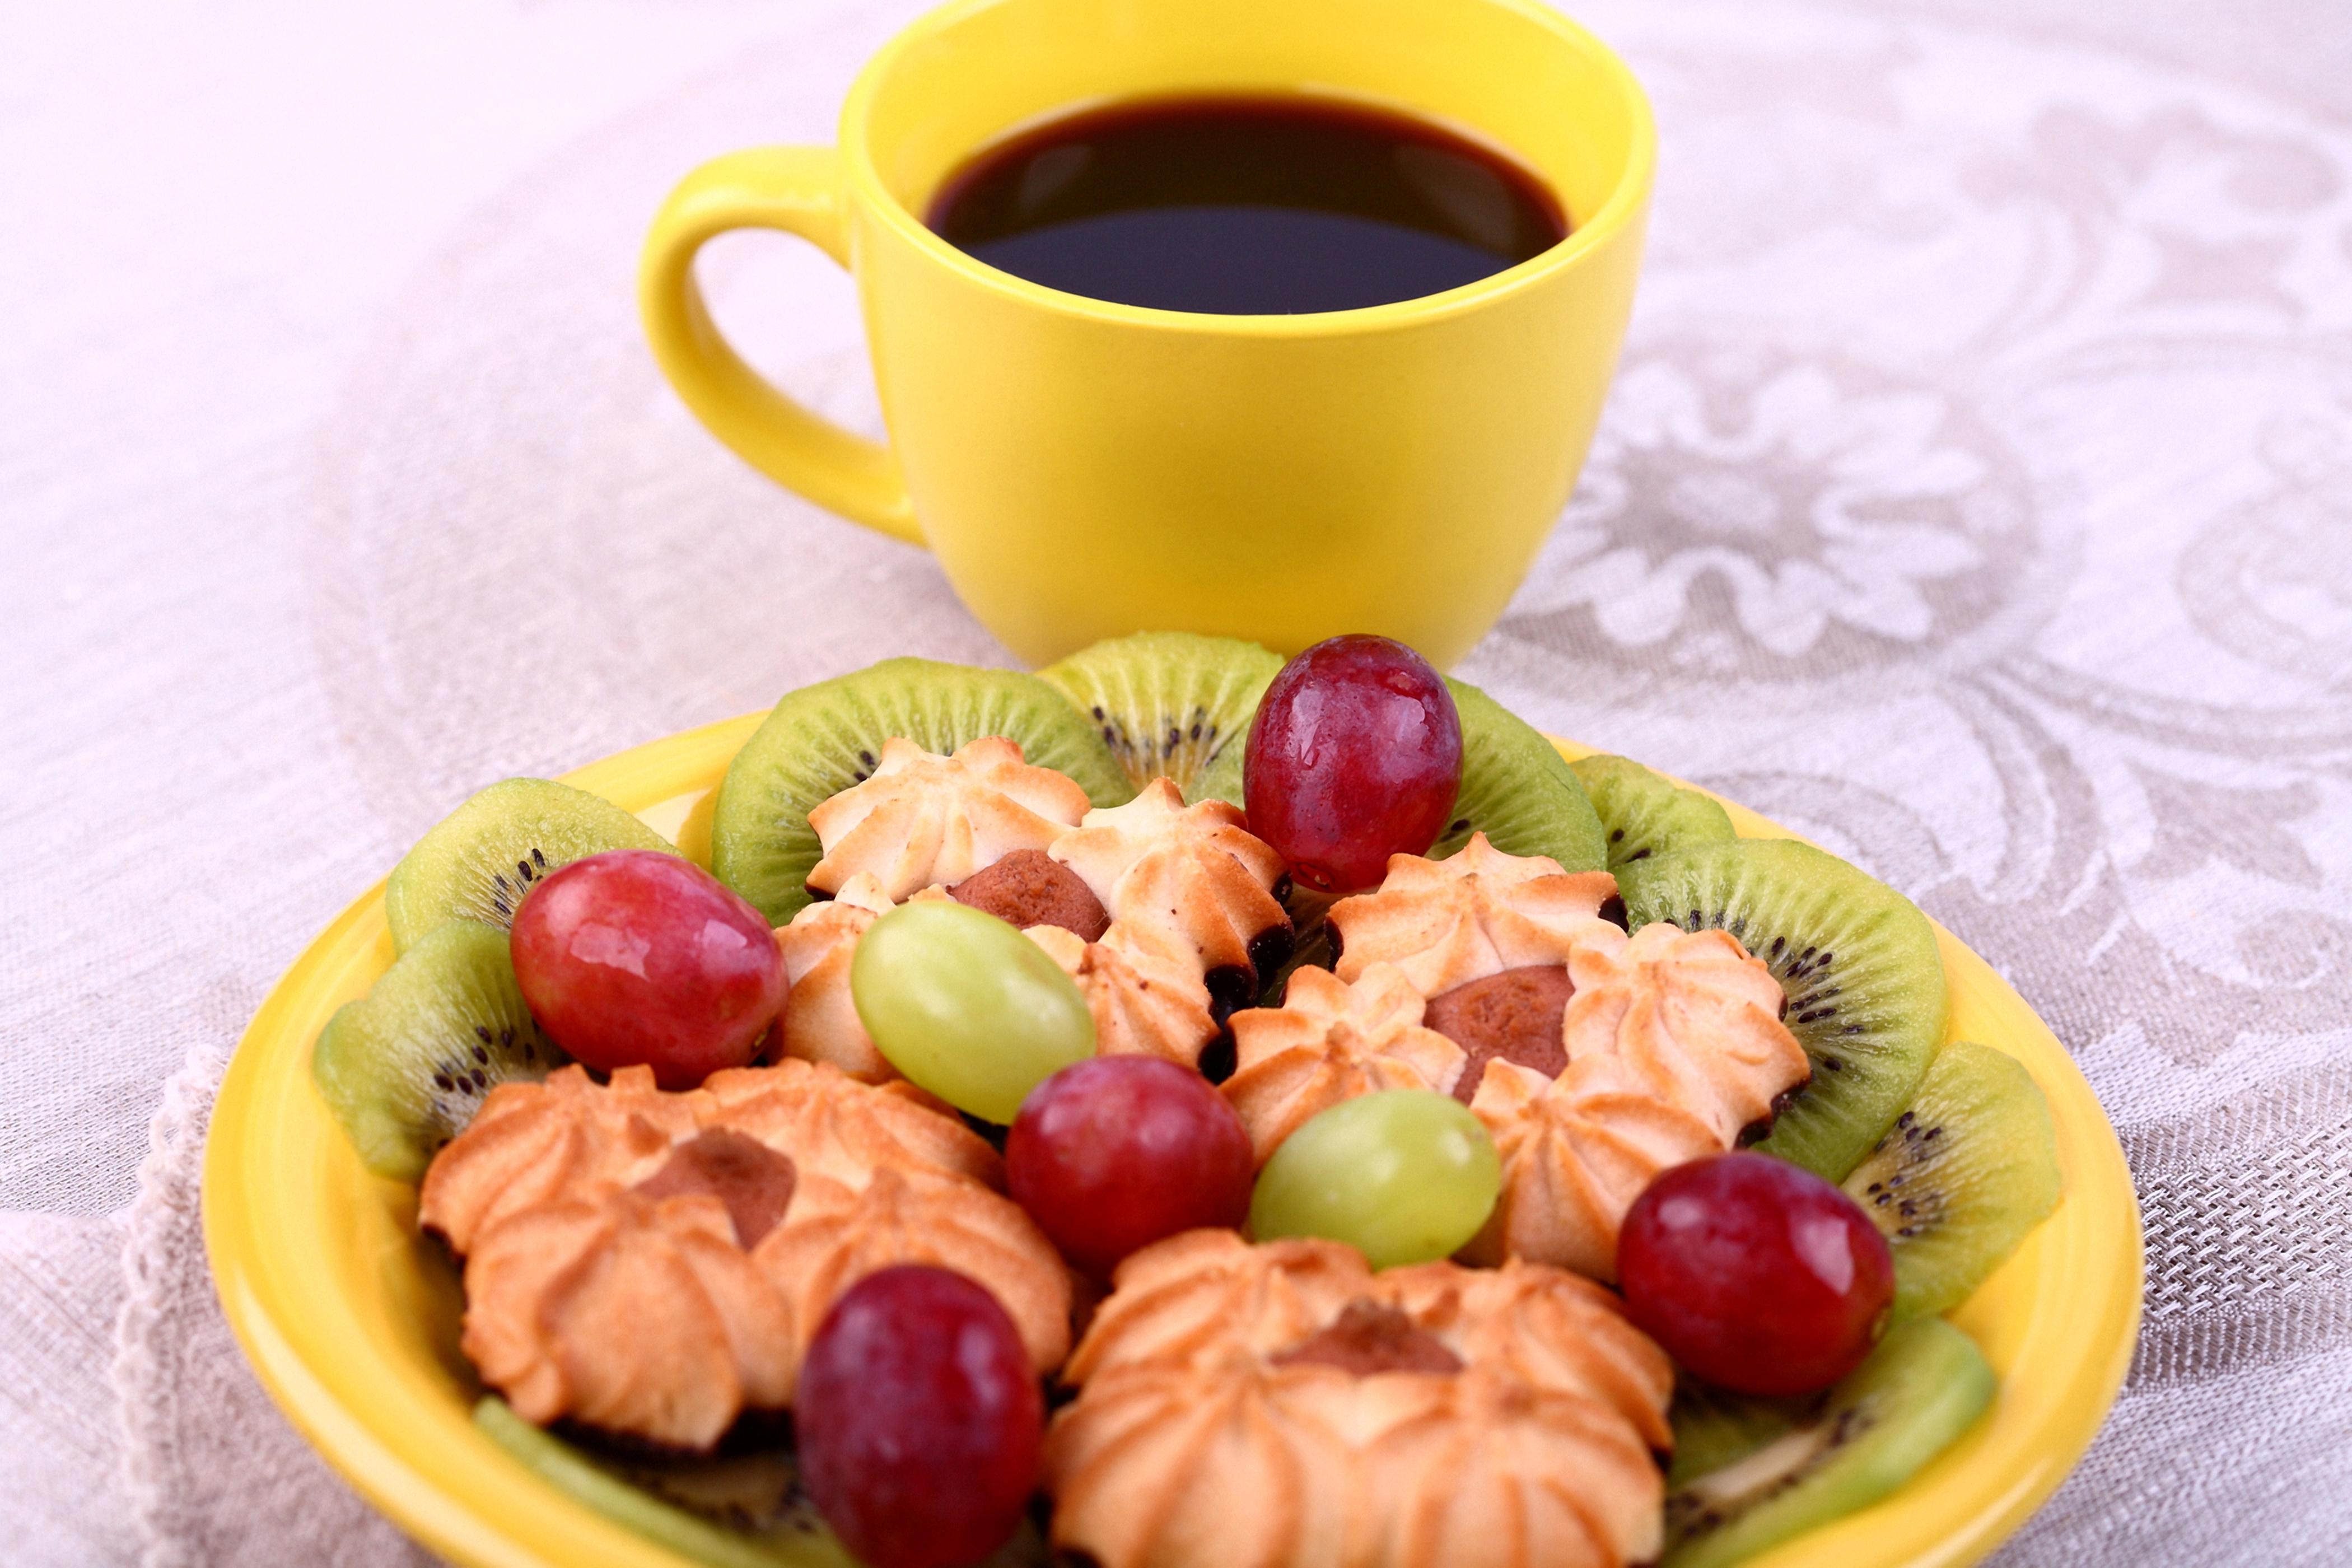 еда печенье кружка food cookies mug  № 2147299 бесплатно